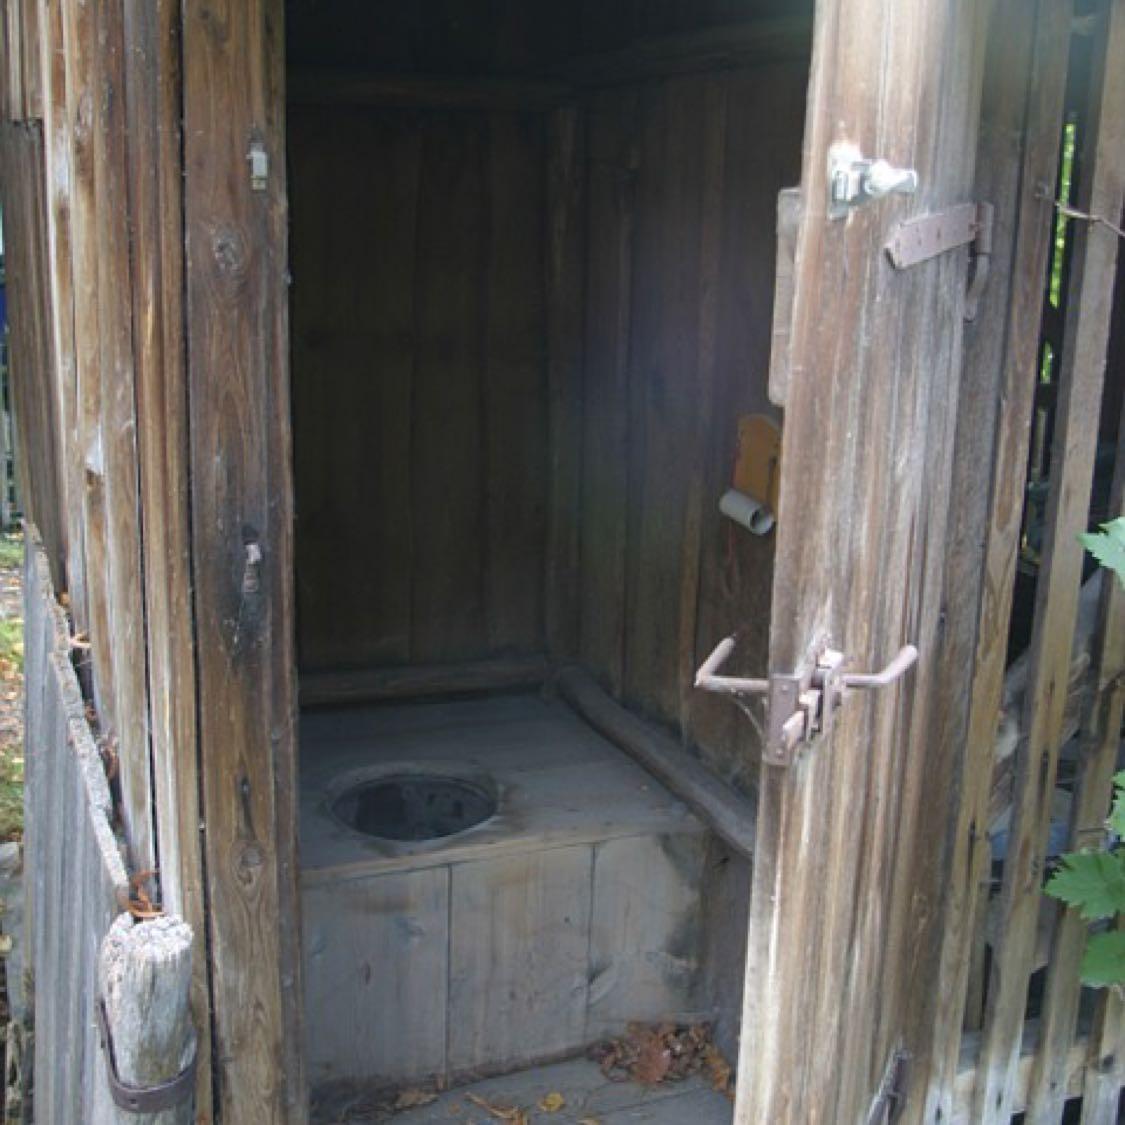 Ini kami menemukan foto kakus di pixabay gratis. Ya, seperti itulah toilet jaman dulu yang disebut kakus.